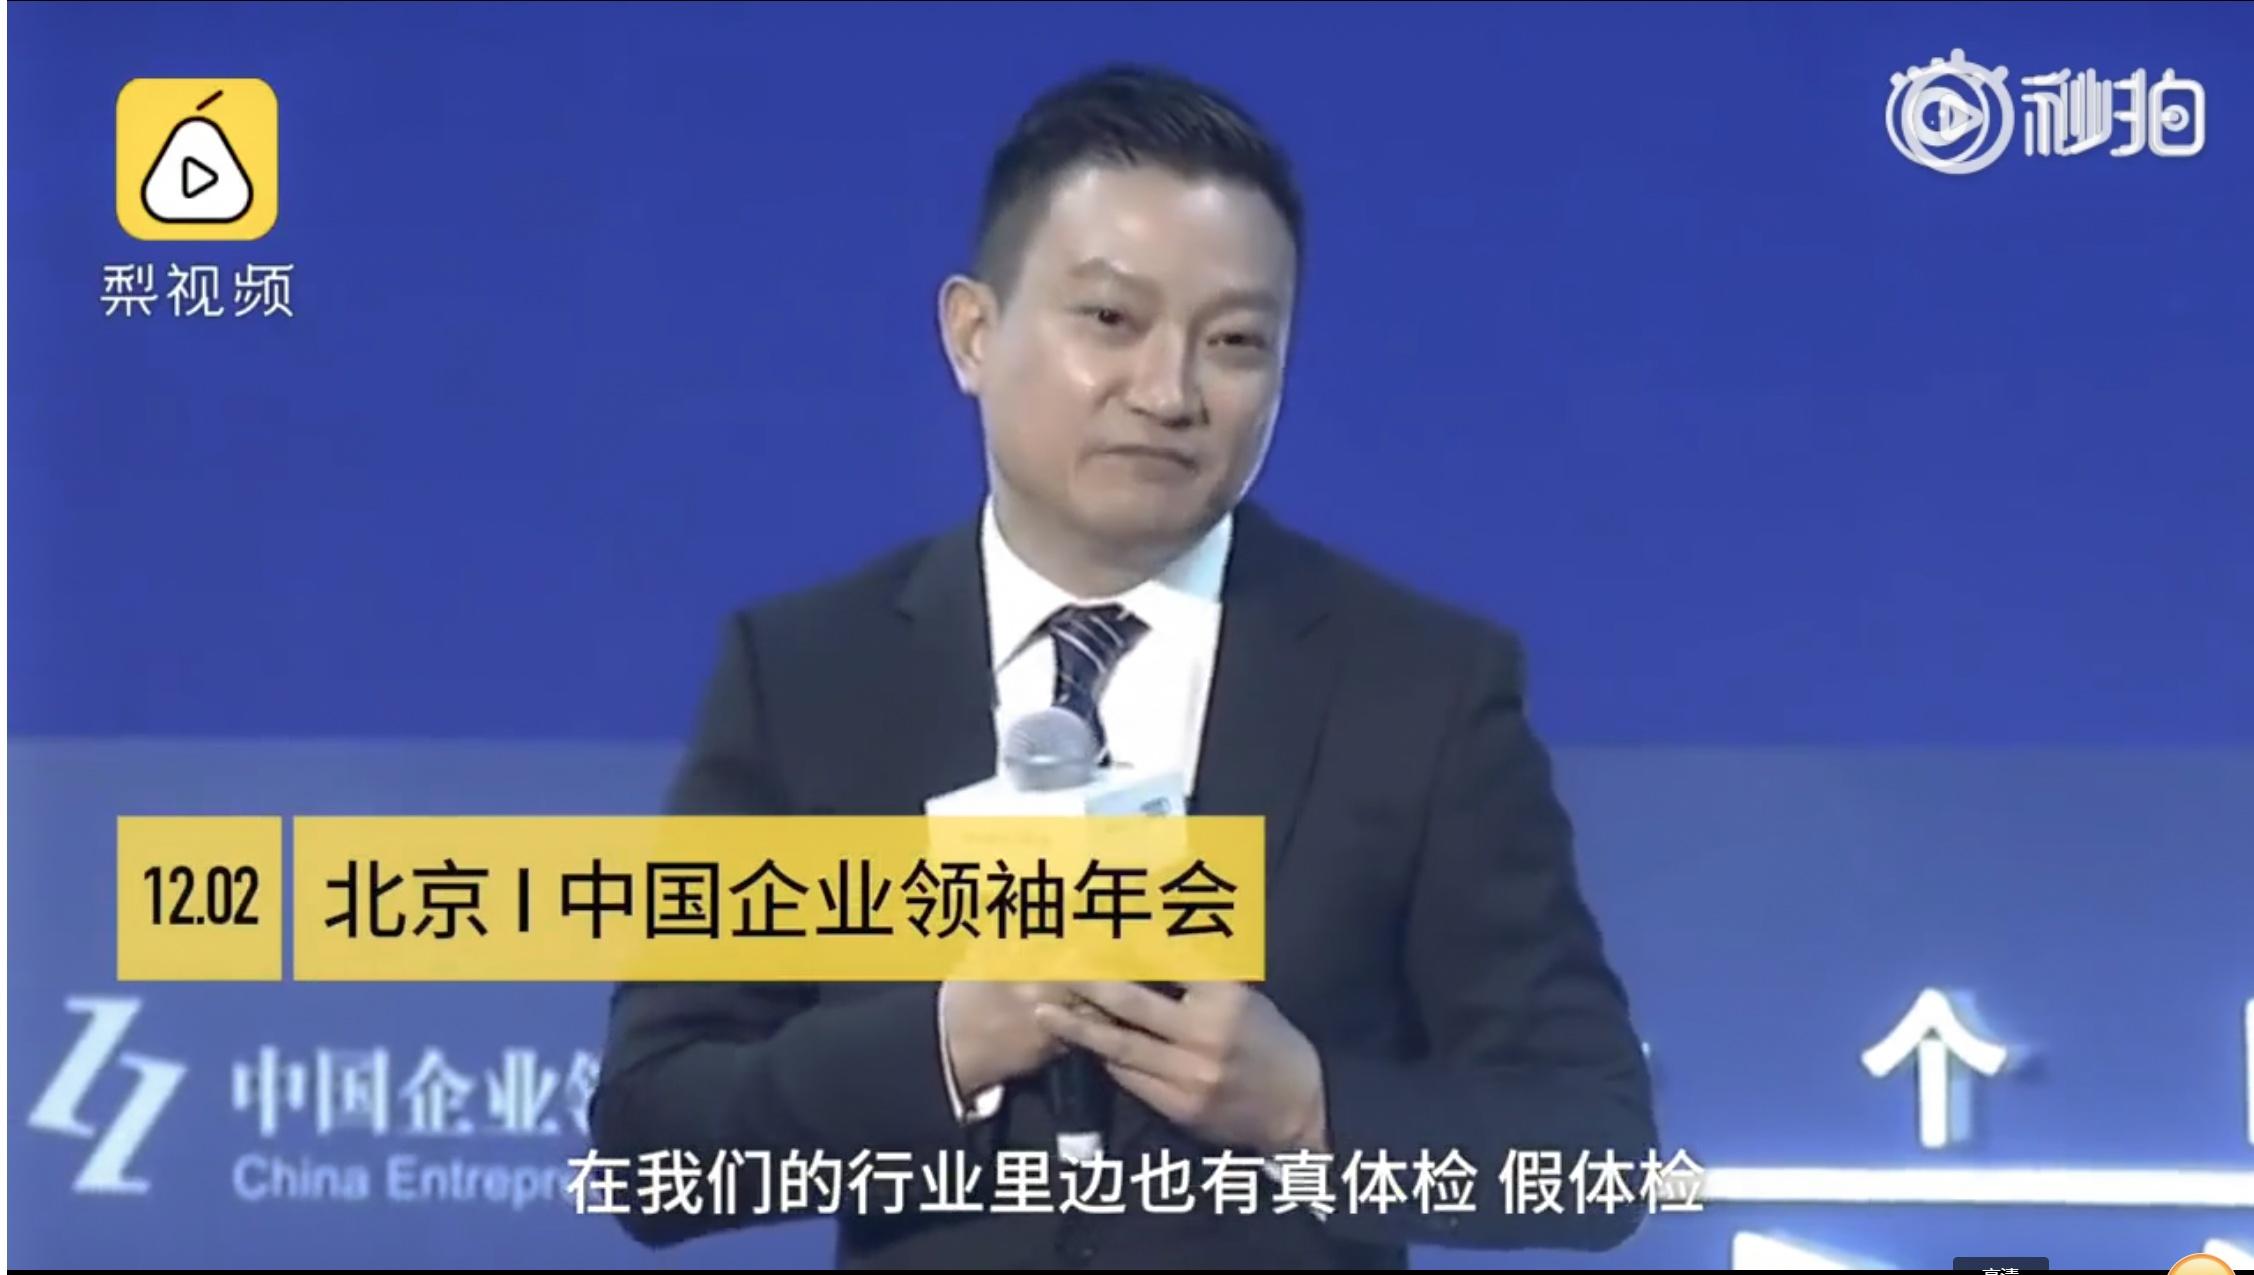 爱康集团董事长兼CEO 张黎刚(图片来源:微博截图)